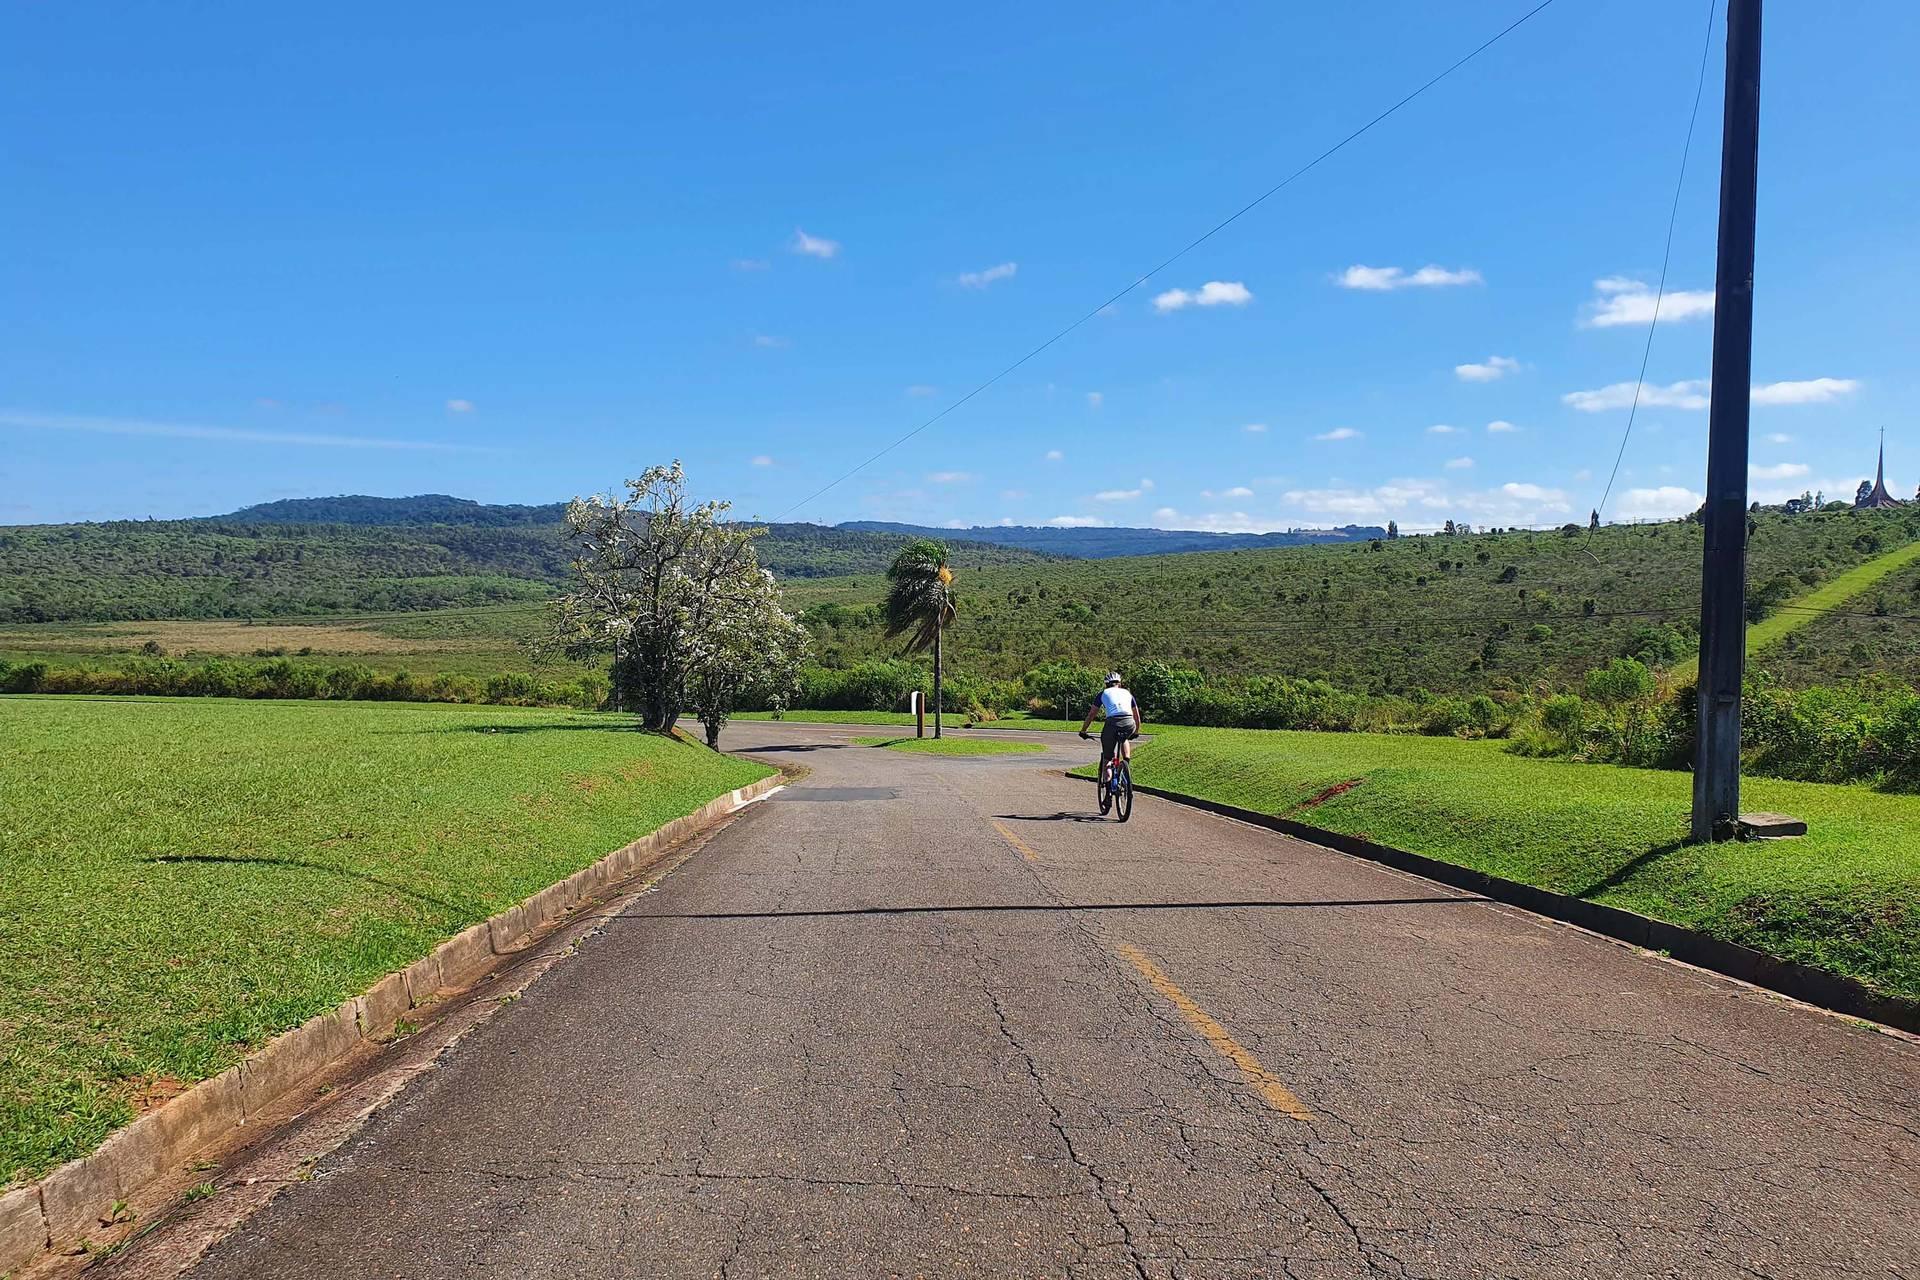 Campos Gerais tem potencial para atividades de cicloturismo